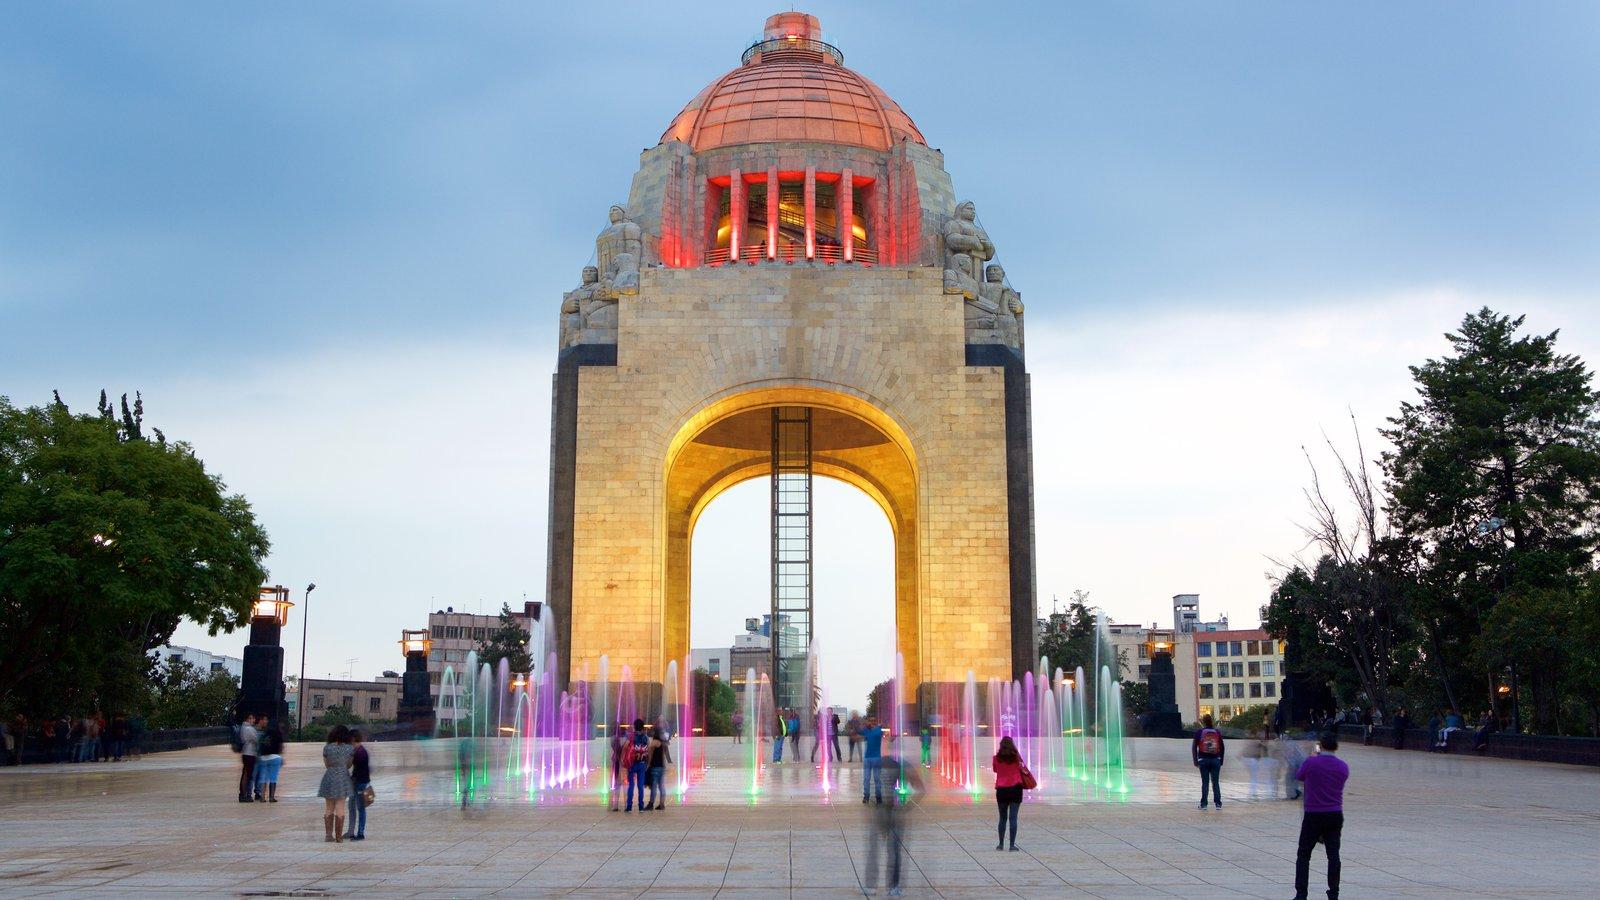 Monumento a la Revolución que incluye una fuente y también un pequeño grupo de personas